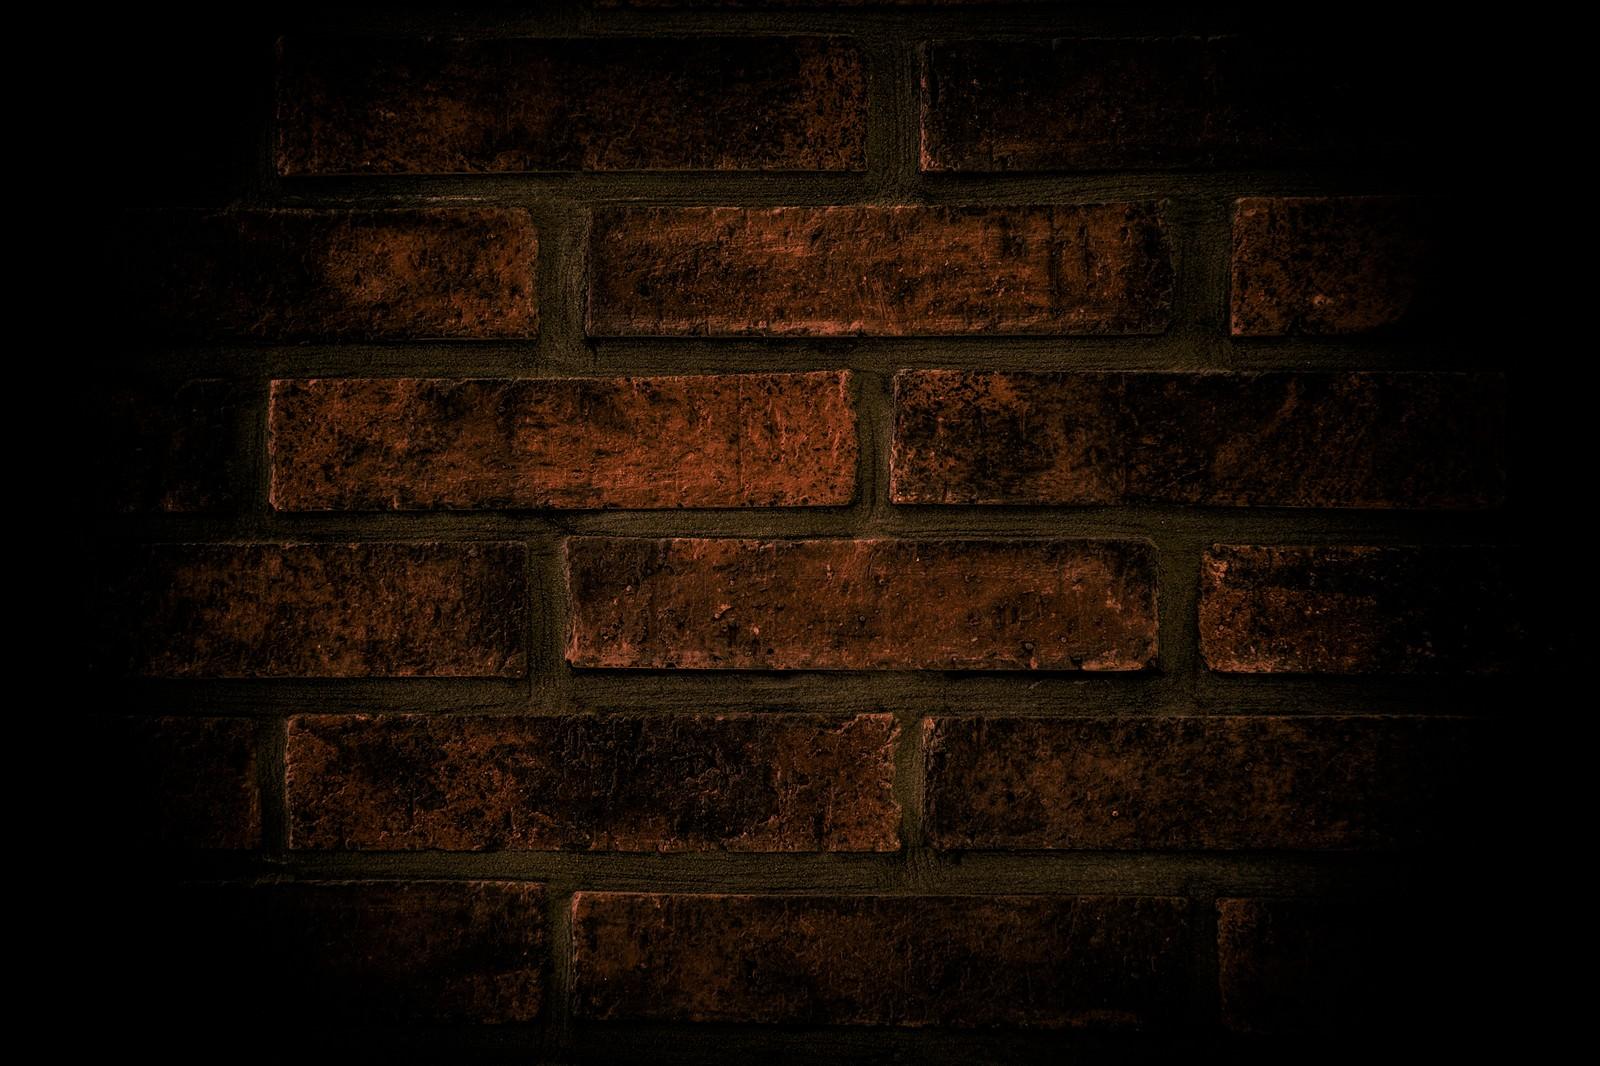 「薄暗いレンガの壁」の写真